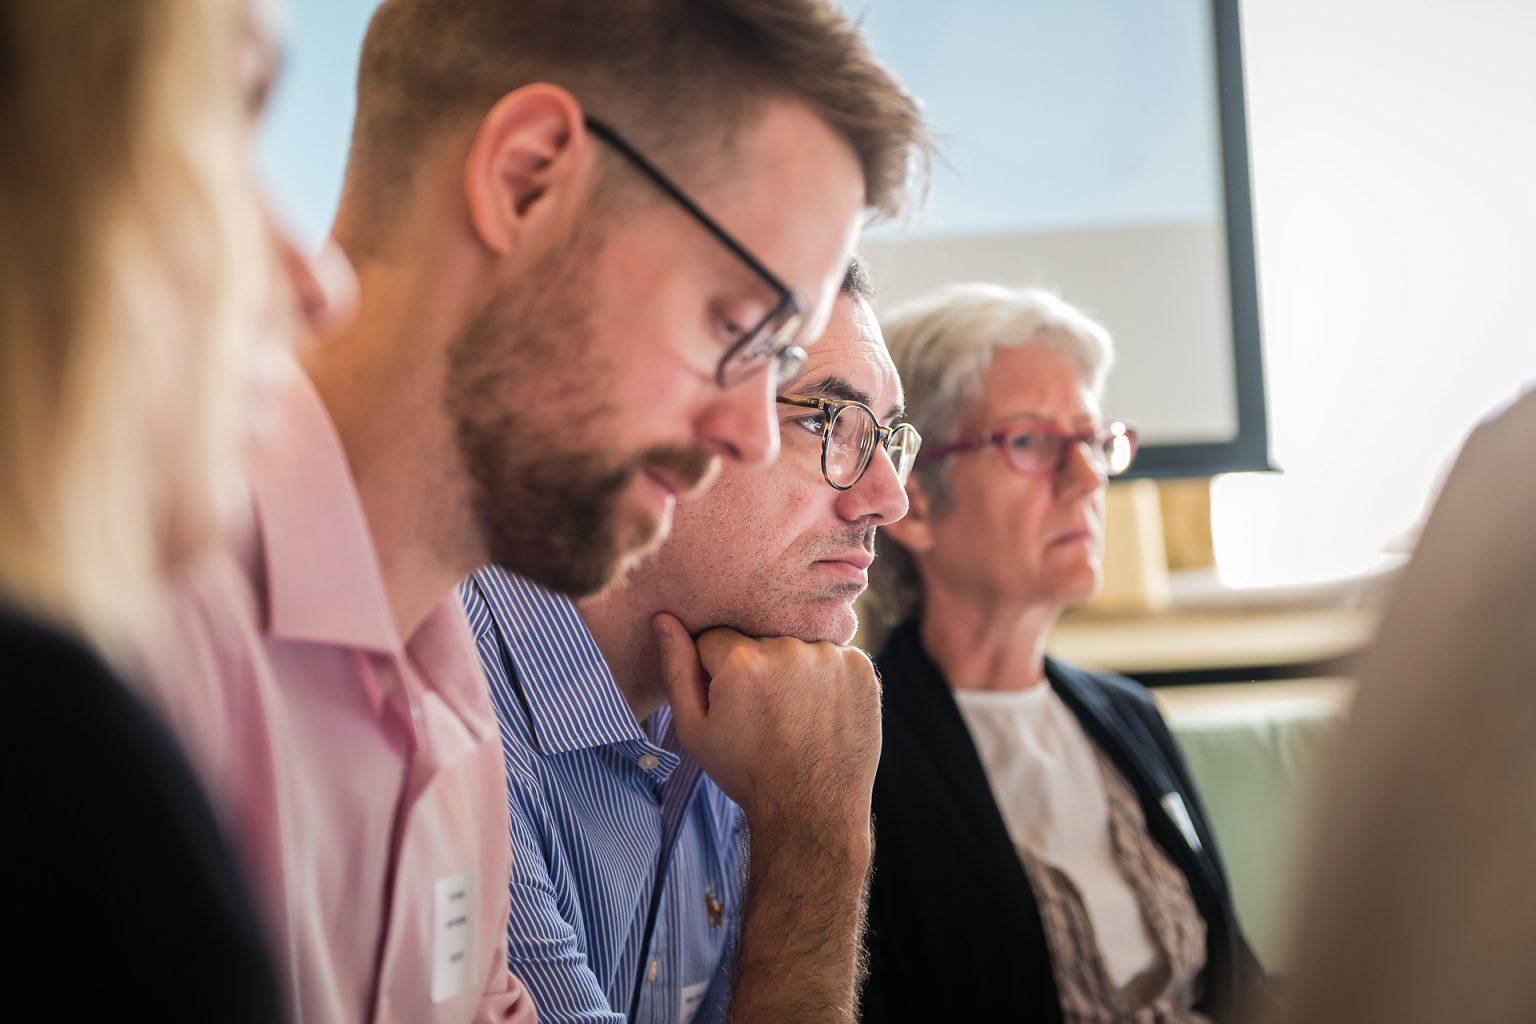 Public écoutant attentivement un intervenant lors d'un atelier du PEOF, lors du reportage de l'événement à Bruxelles par Aurore Delsoir photographe événementiel